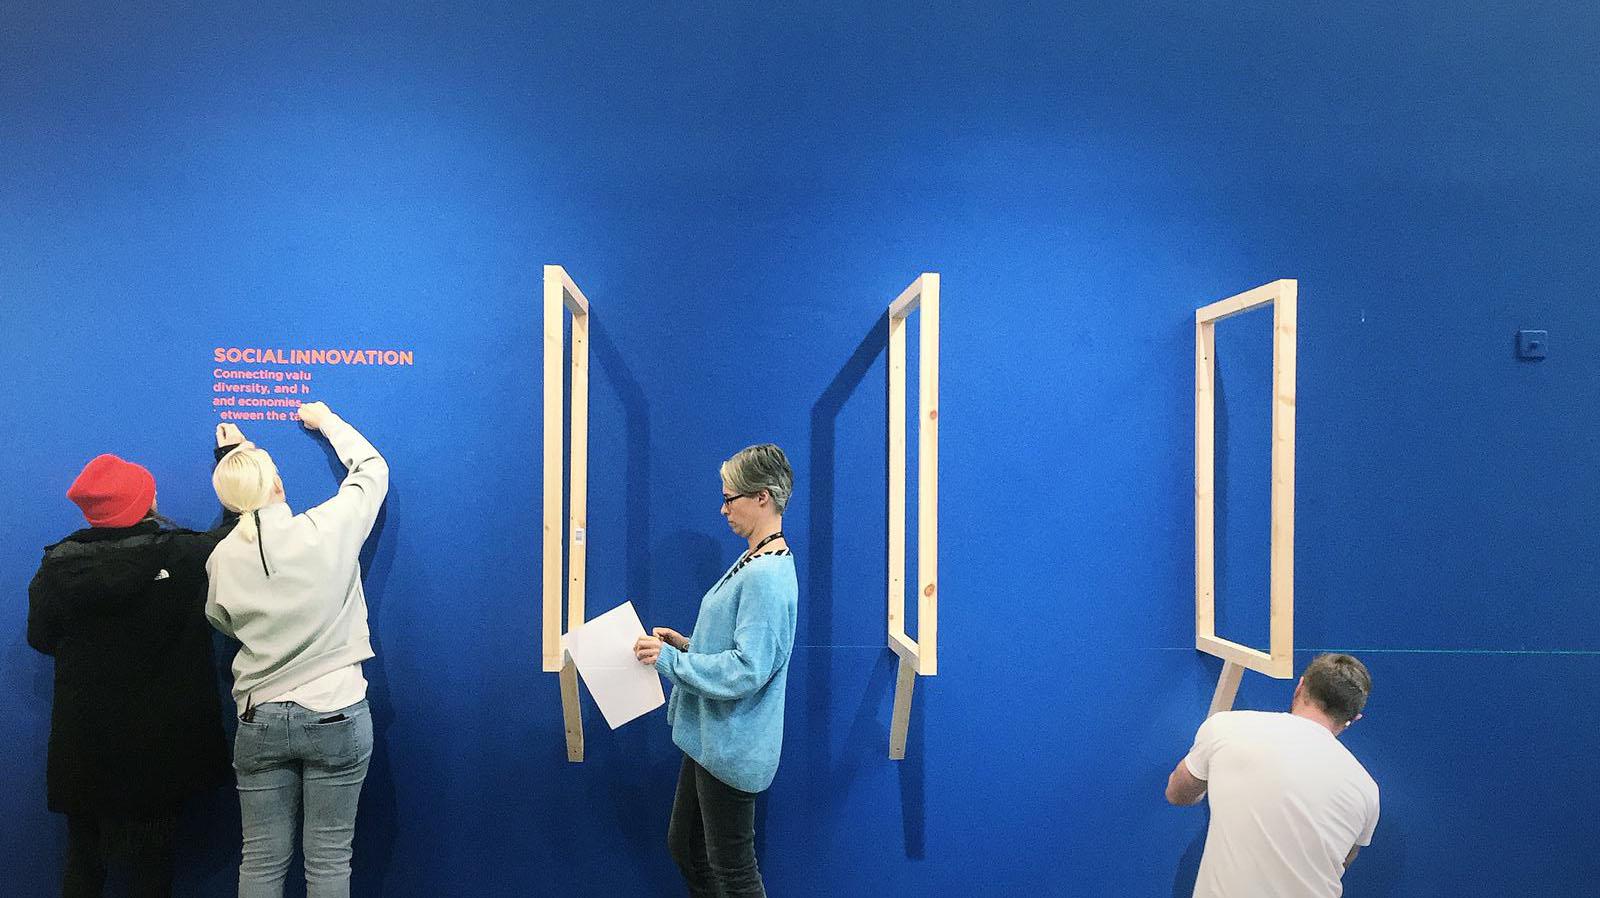 Graduation Show Concept and Exhibition Design